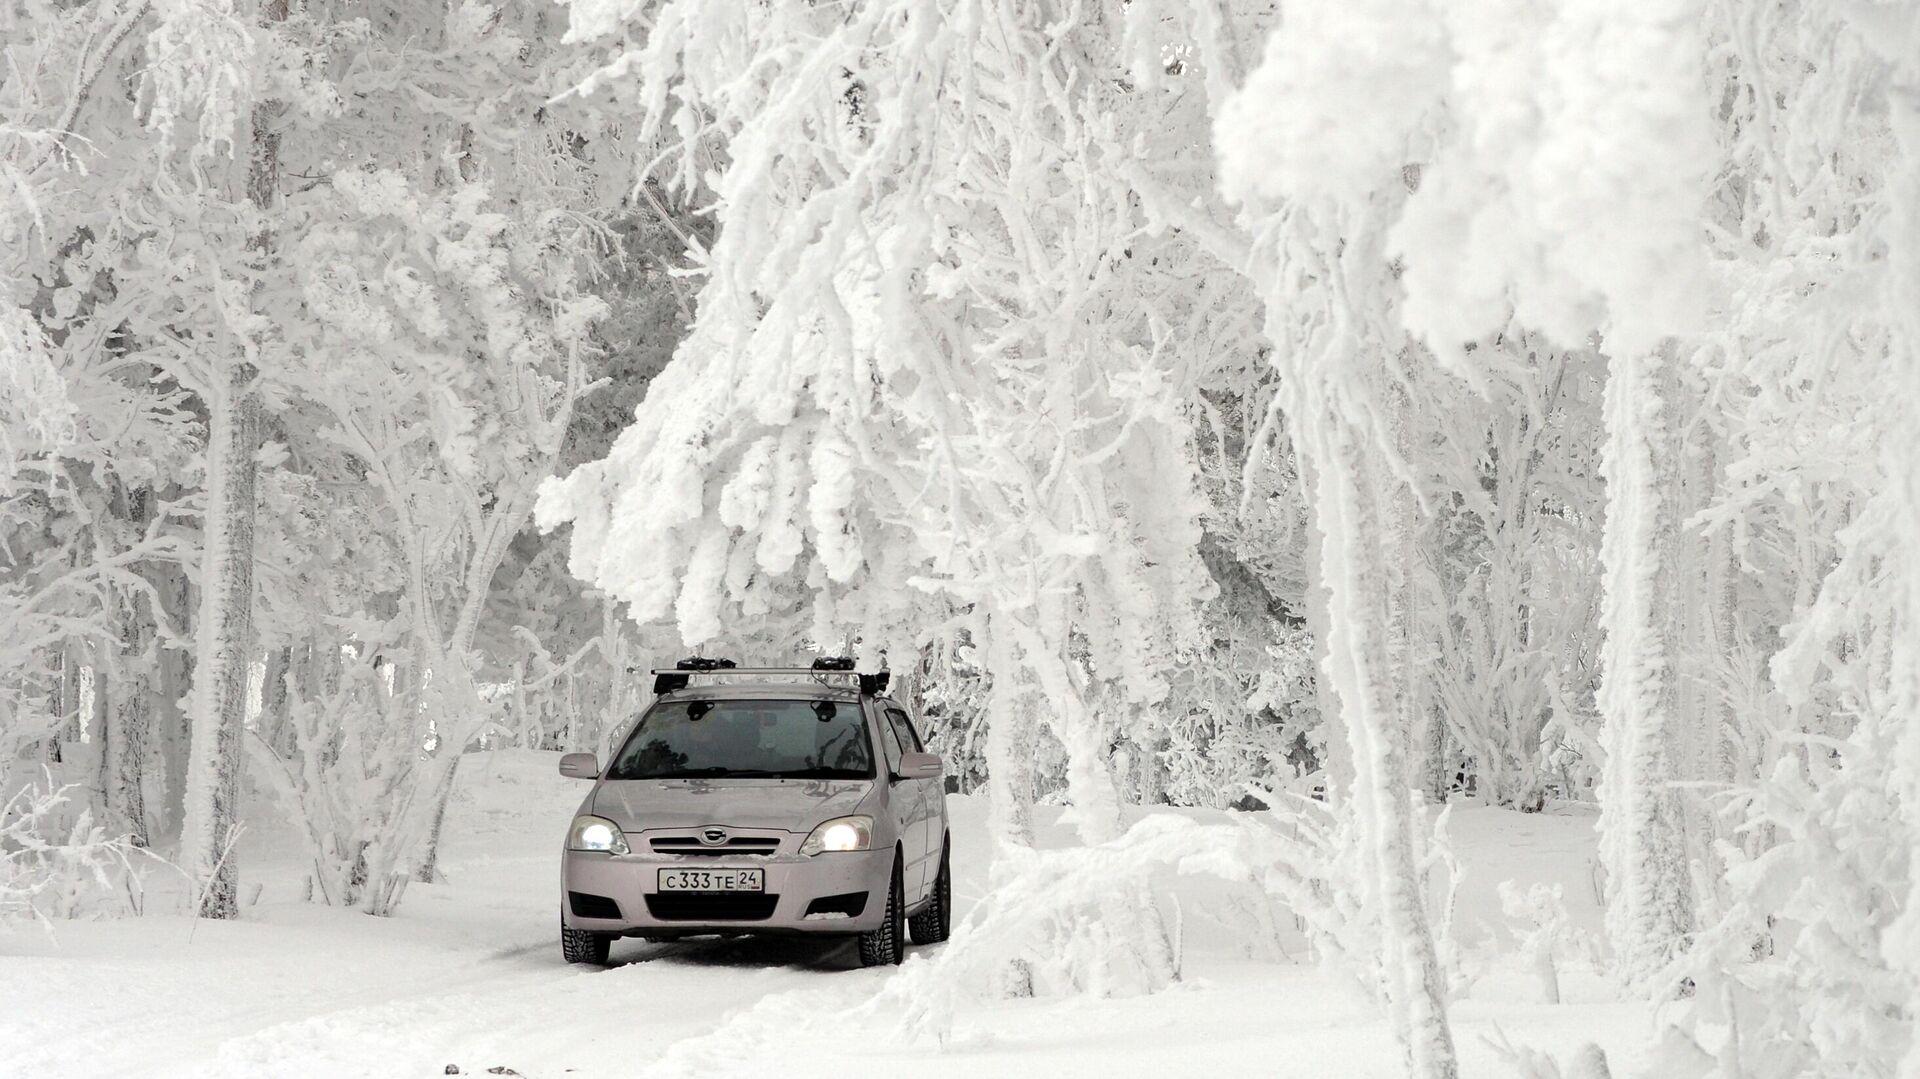 Машина едет по заснеженному лесу на берегу реки Енисей - РИА Новости, 1920, 30.11.2020